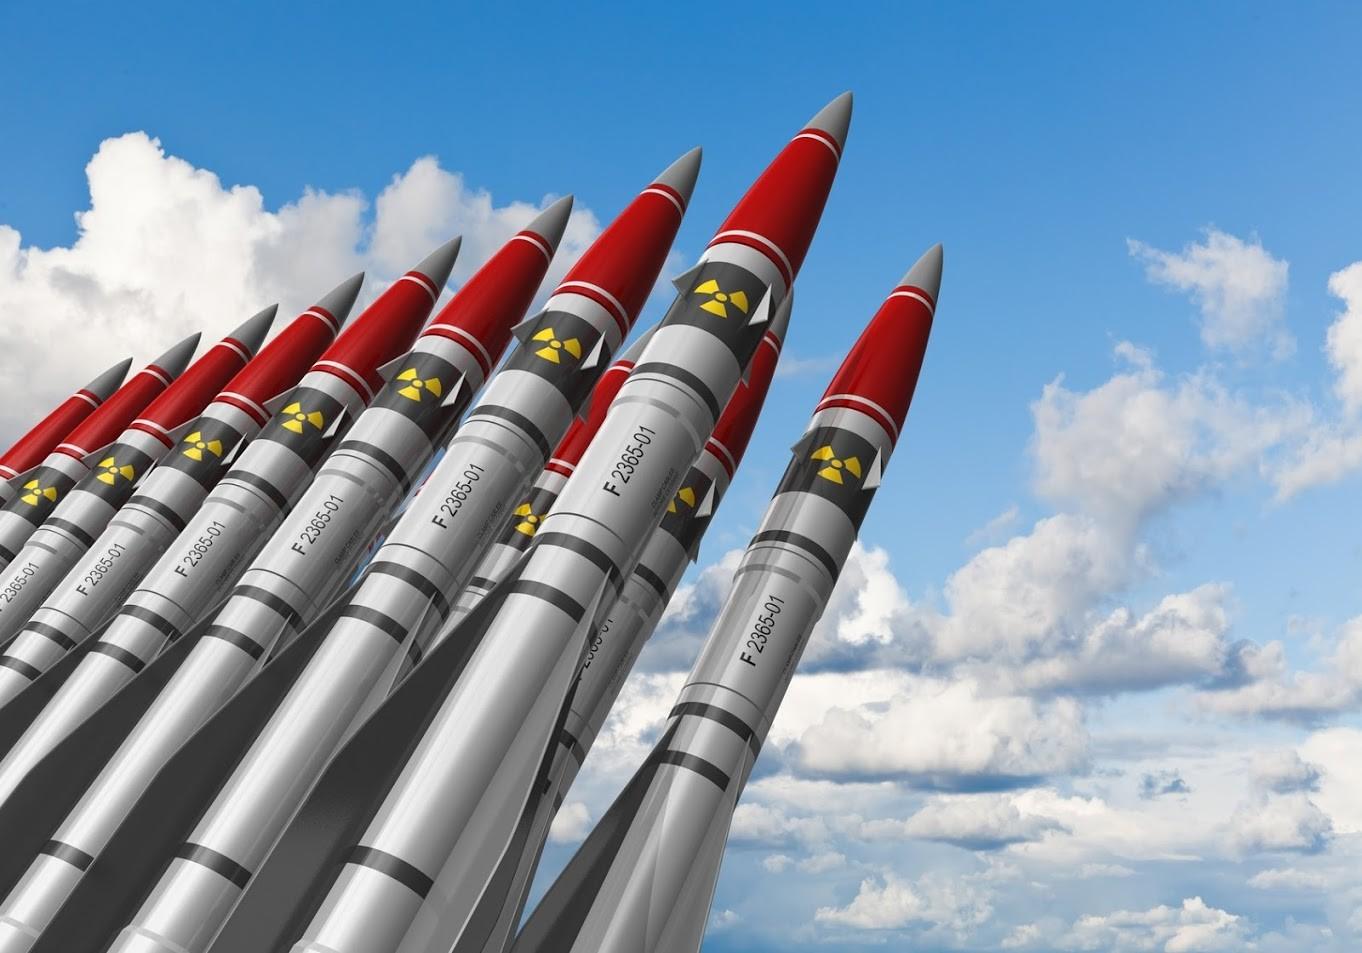 Світ занепокоєний ядерними випробуваннями КНДР